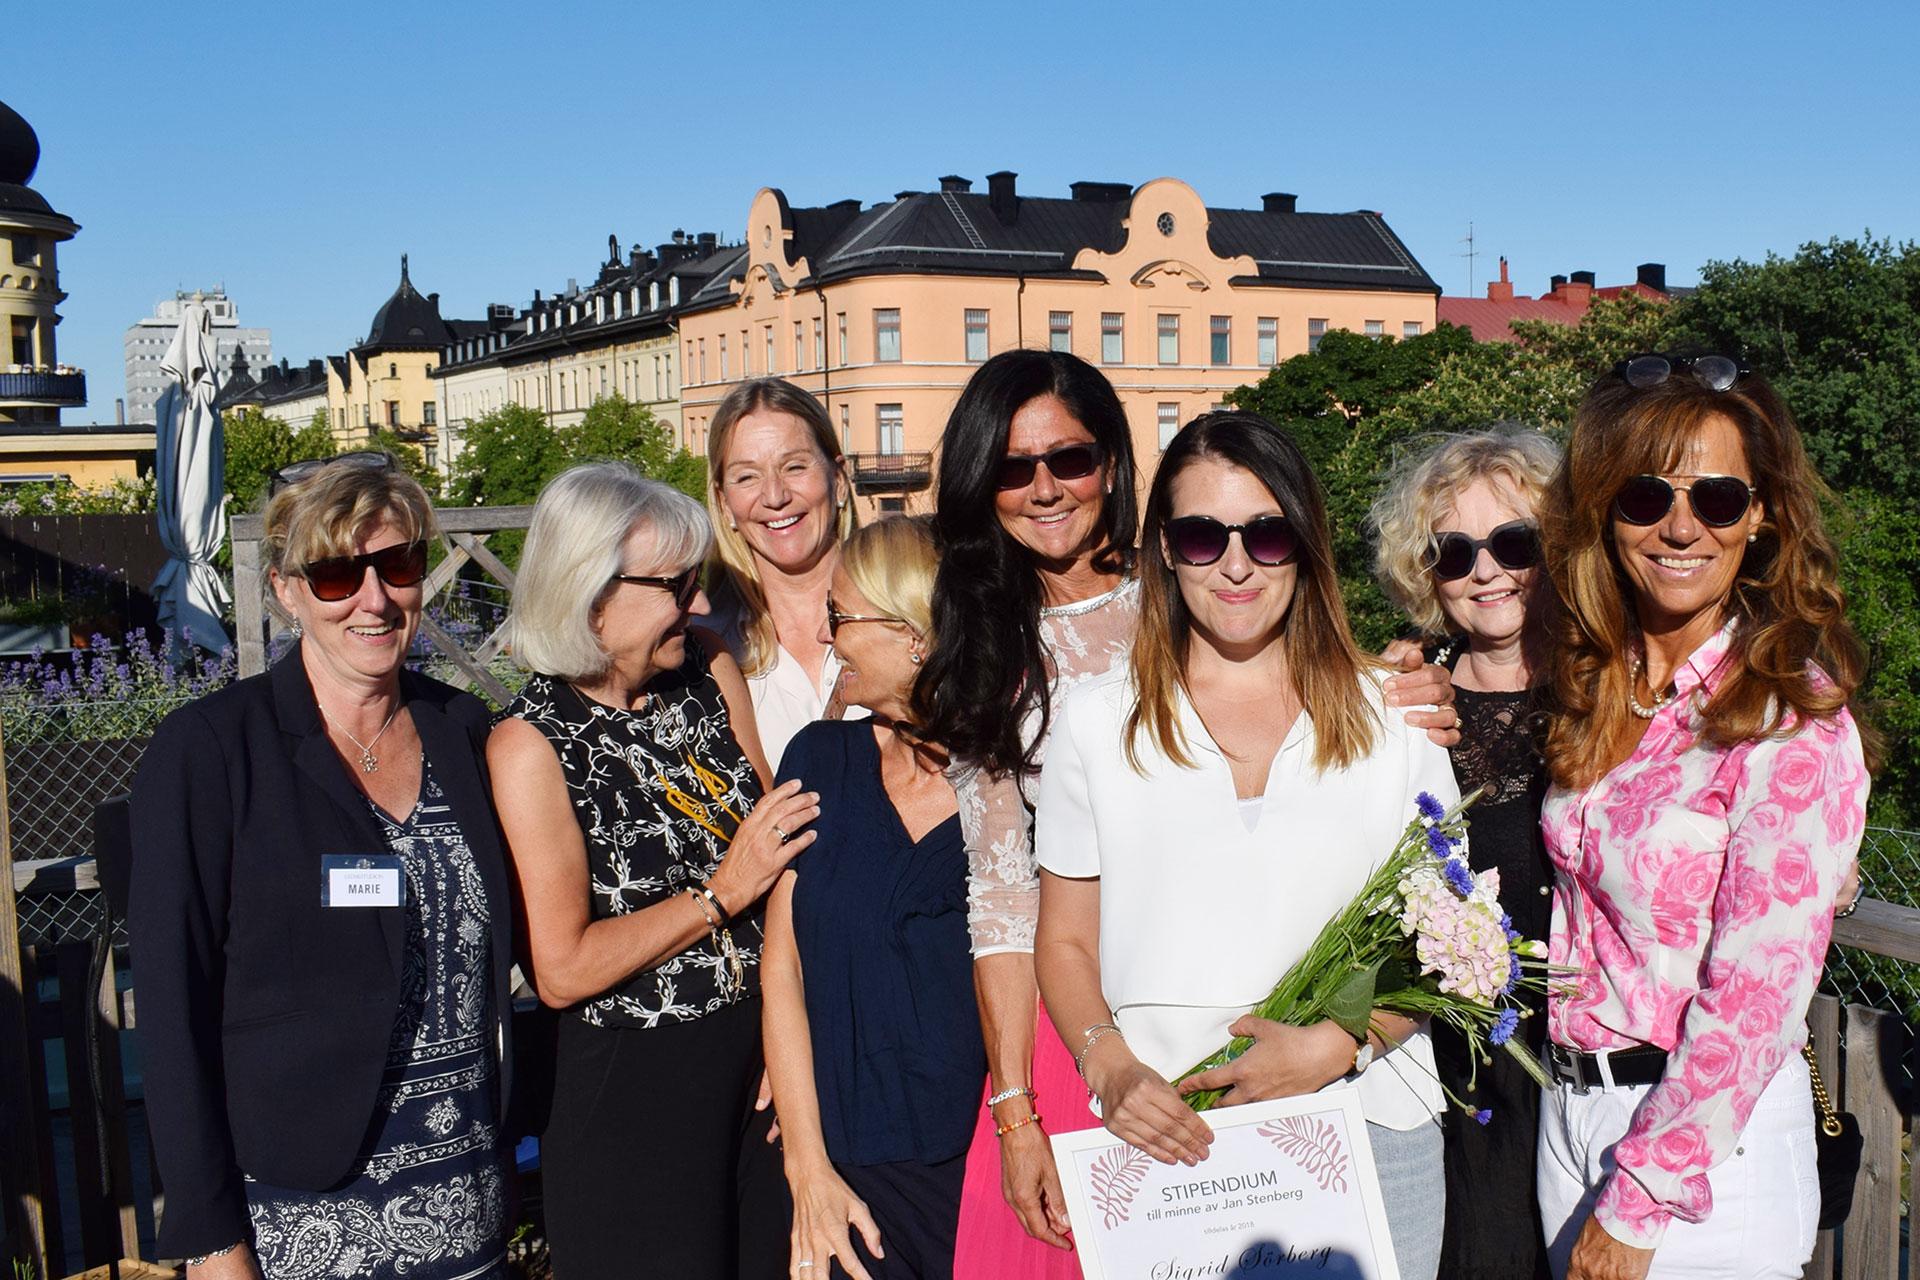 På bild från vänster till höger: Marie Molin, Marie Ehrling, Carola Mättää, Bibi Rödöö, Lena Ahlström, Sigrid Sörberg, Gry Mölleskog och Marita Hellberg